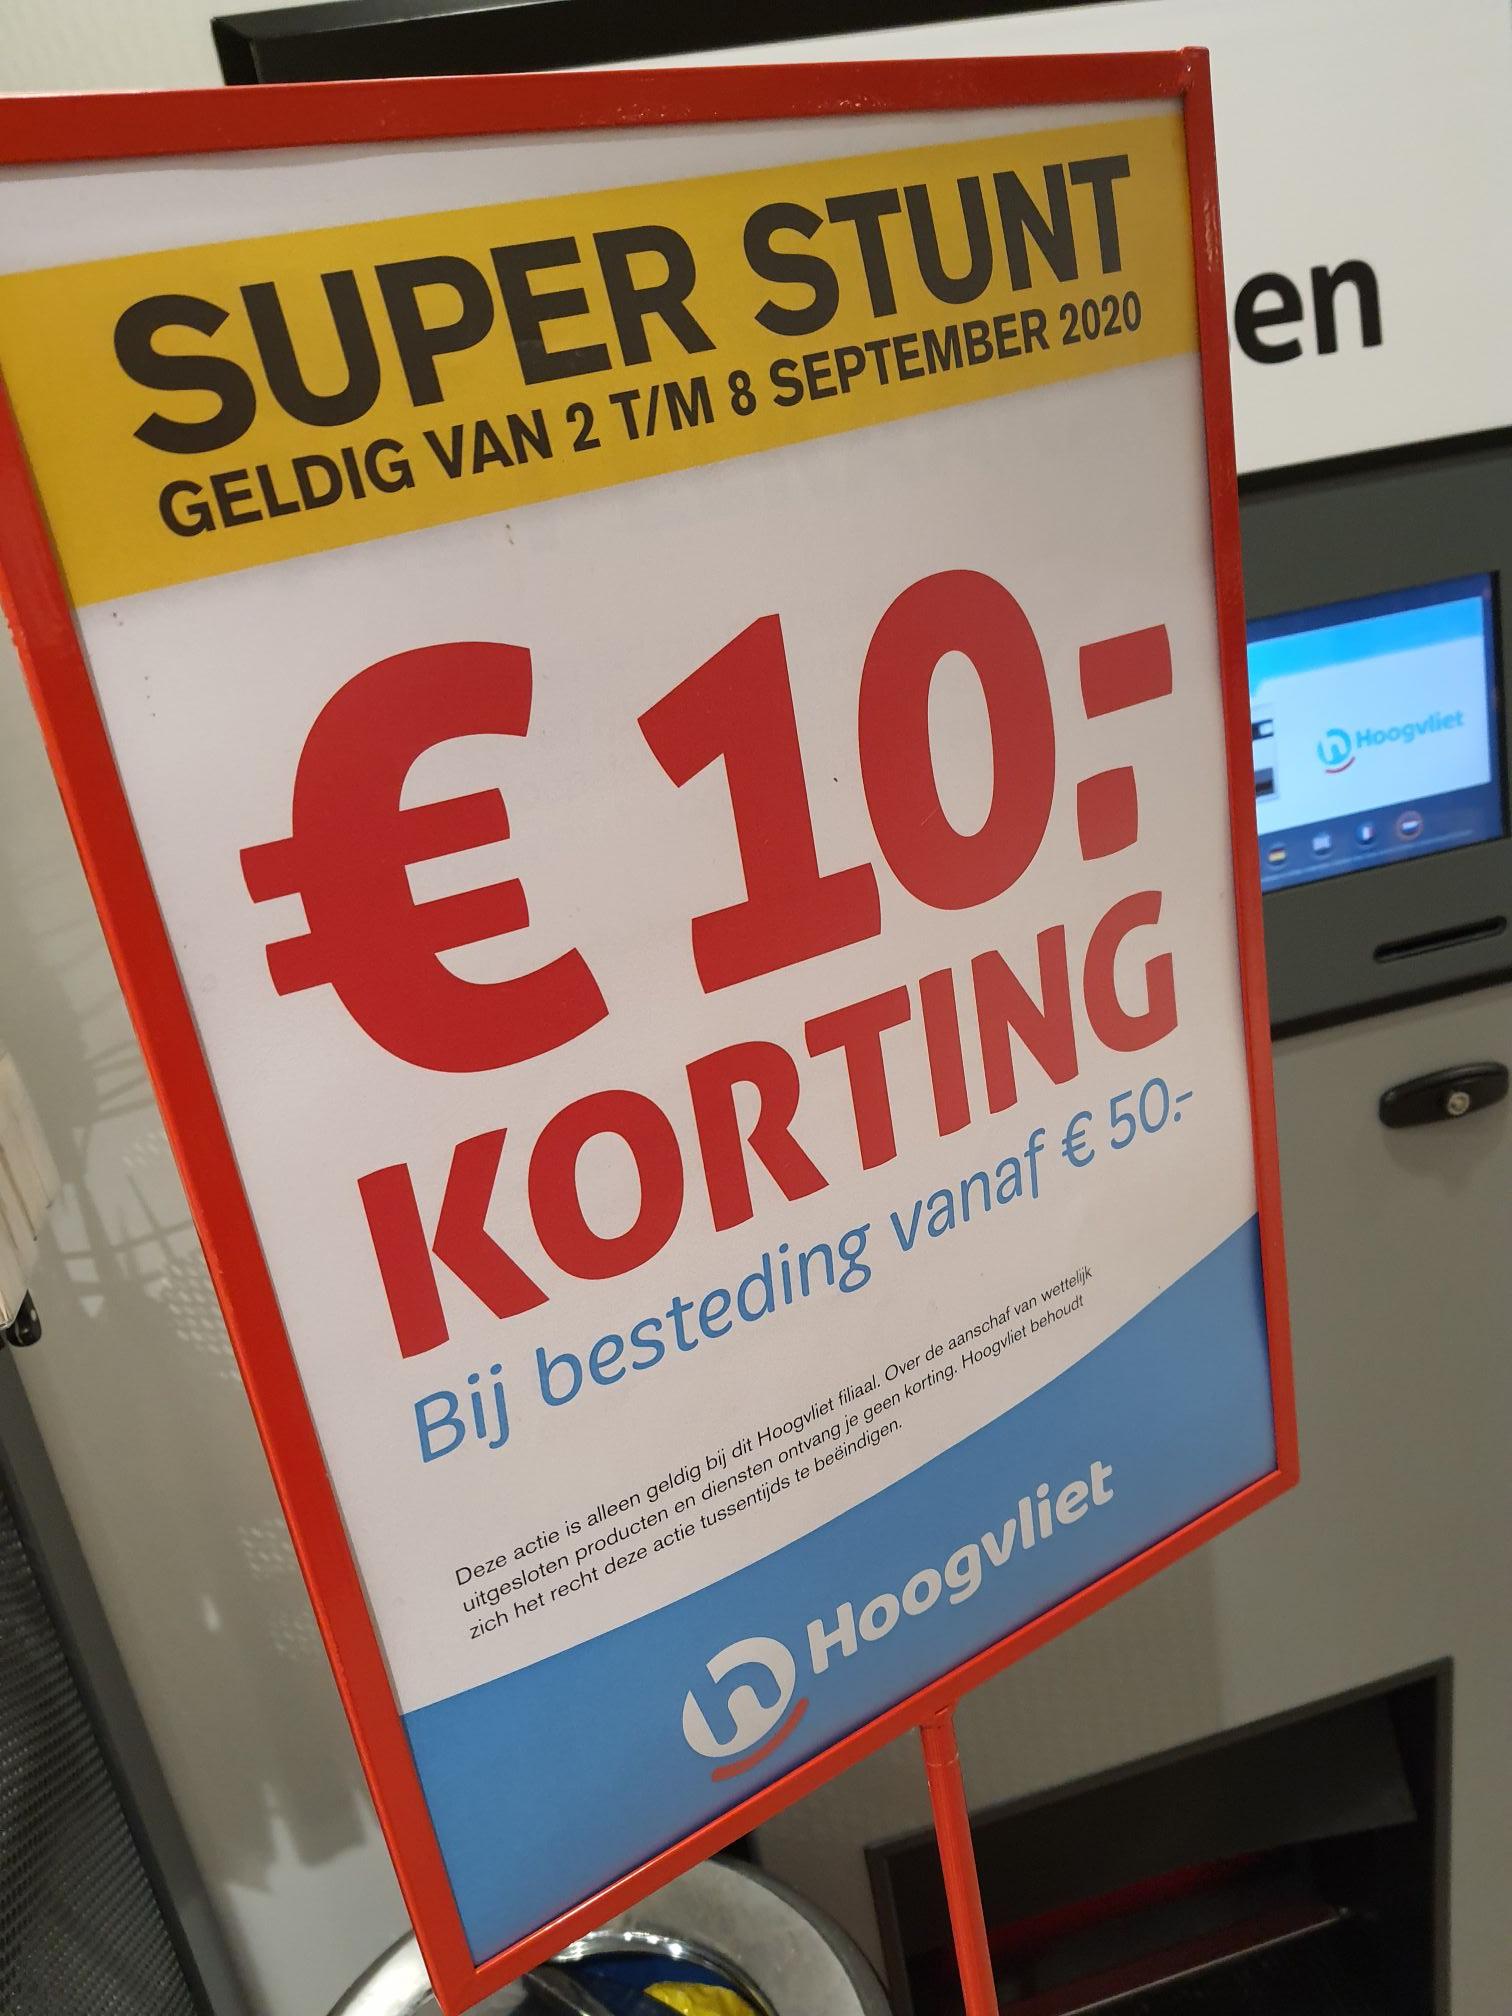 [lokaal?] 10 euro korting bij je boodschappen @ Hoogvliet